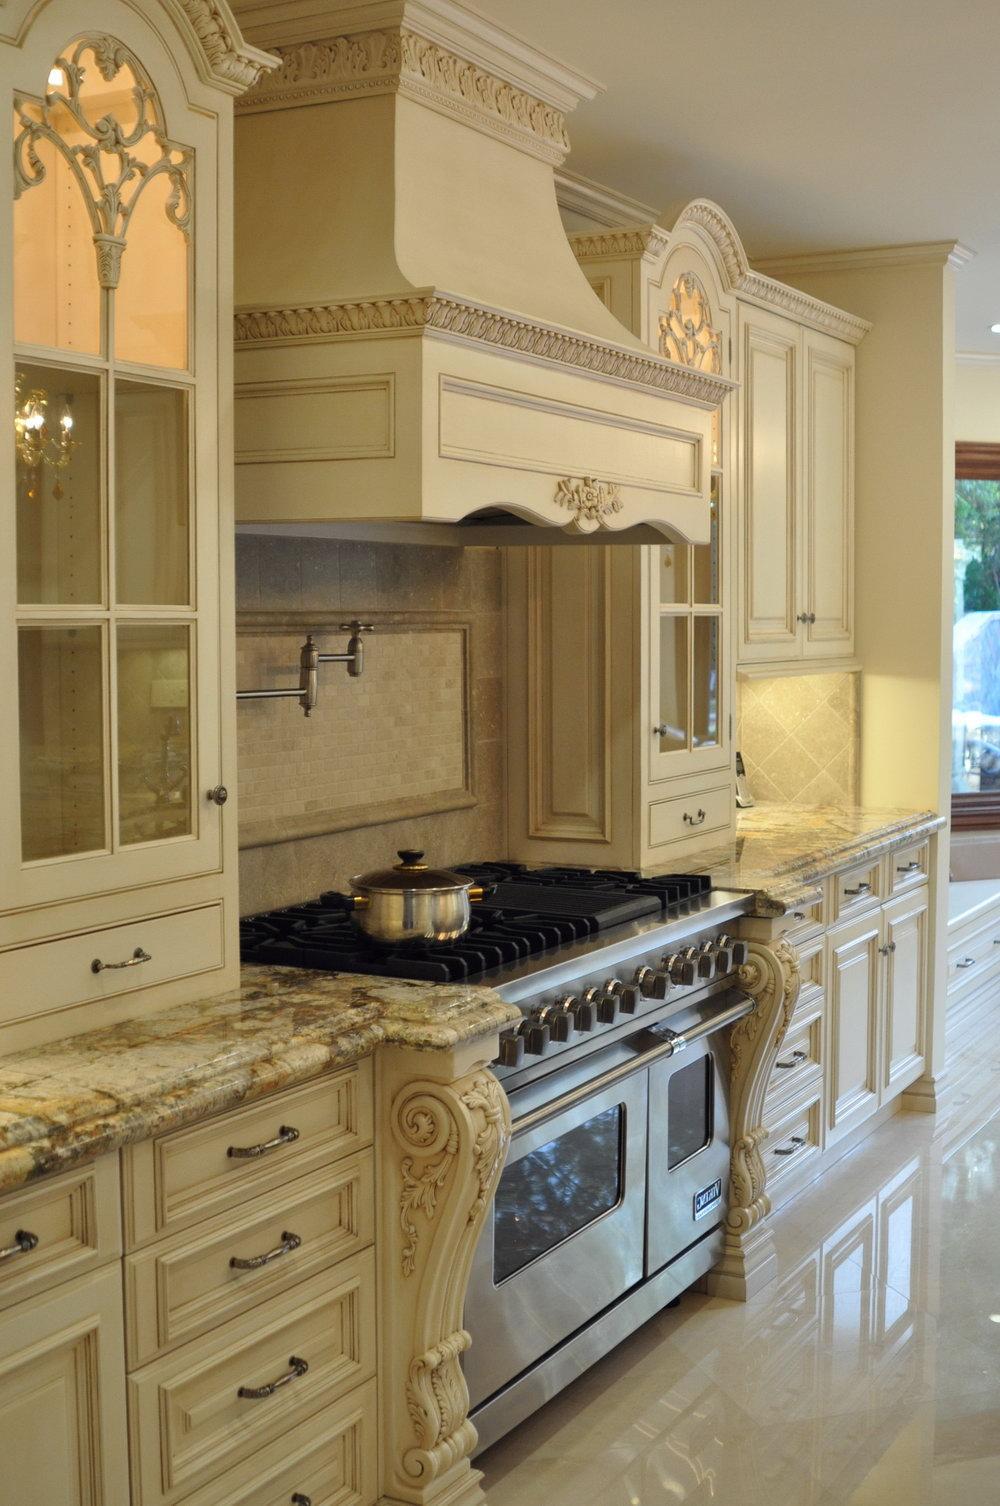 Keystone Kitchen Cabinets Littlestown Pa